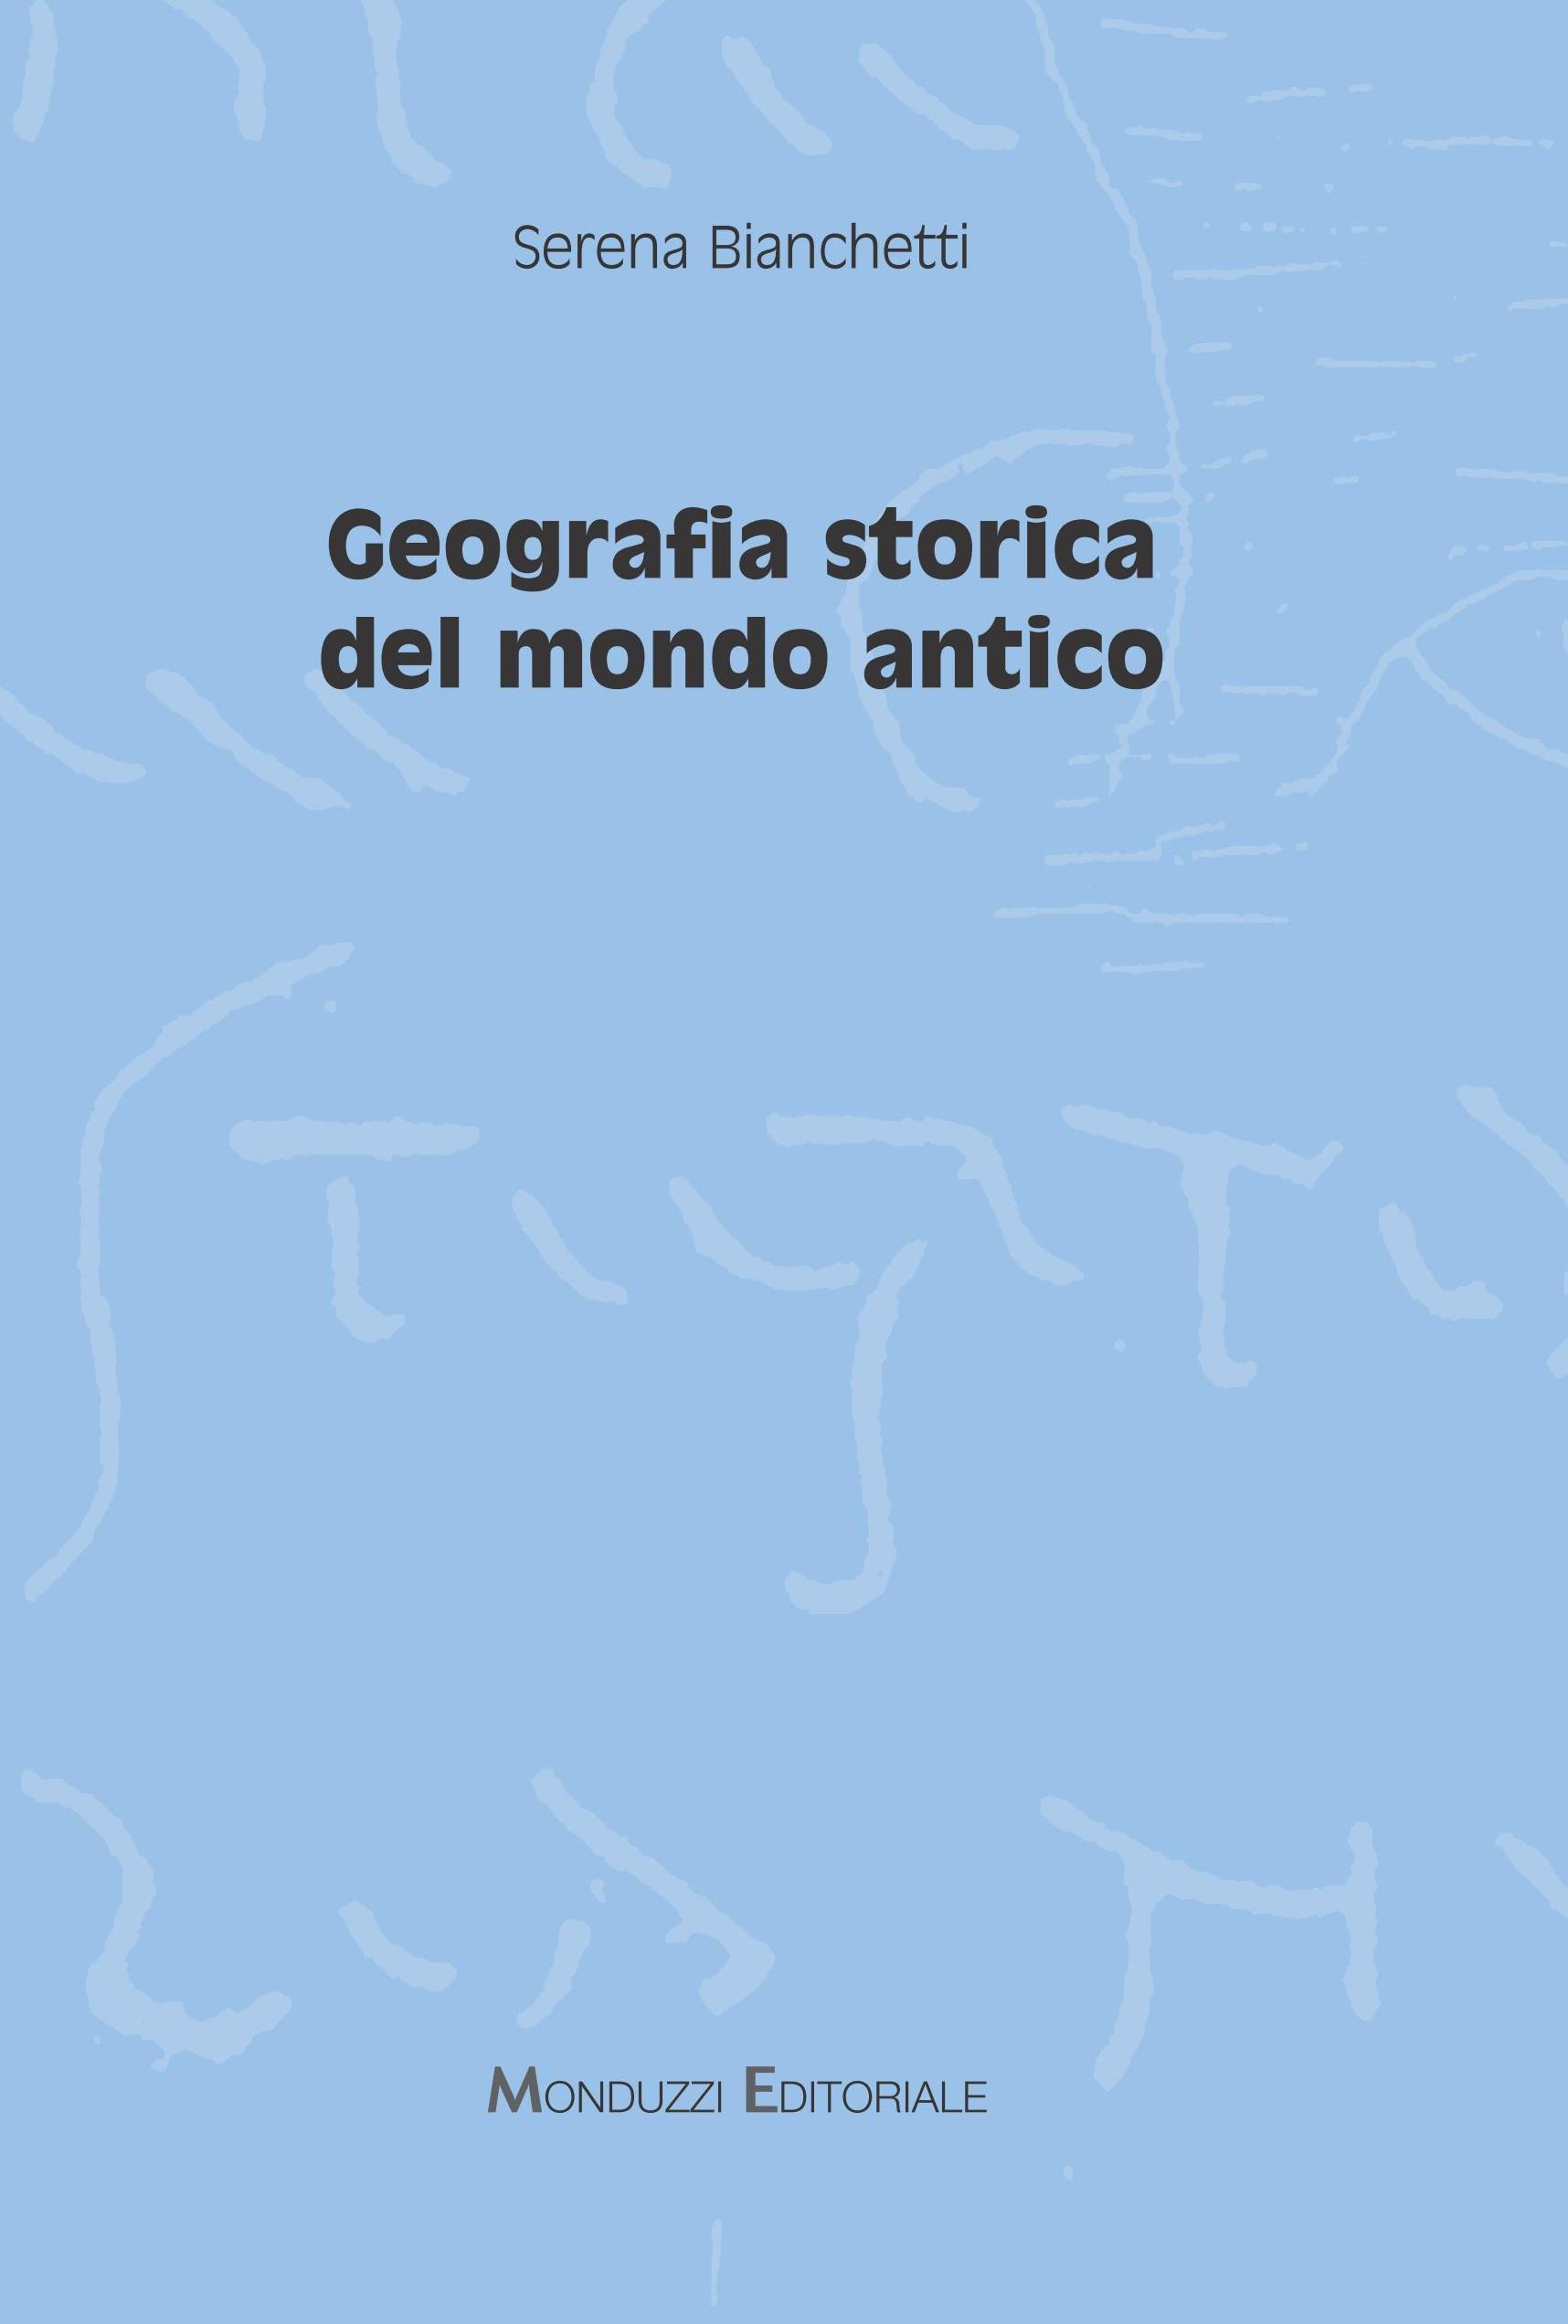 Geografia storica del mondo antico - Serena Bianchetti